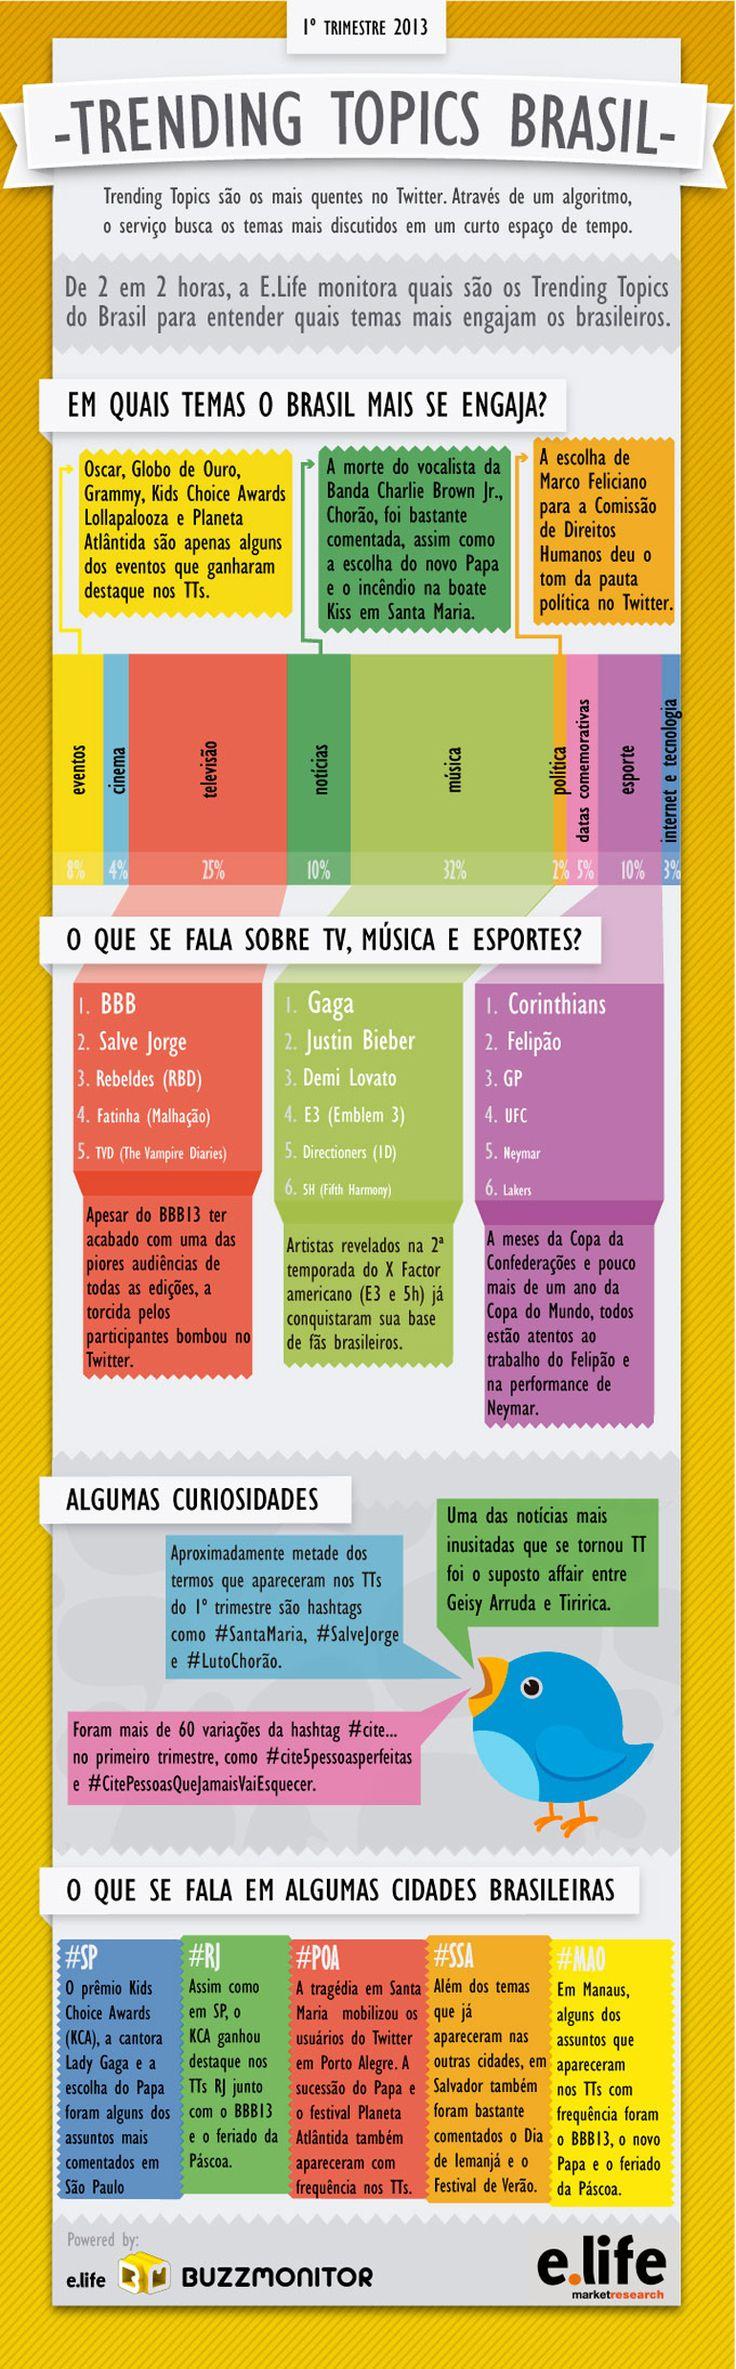 Infográfico que contem os assuntos mais comentados no Trend Topics Brasil no primeiro trimestre de 2013 e a relação de influencia da TV.